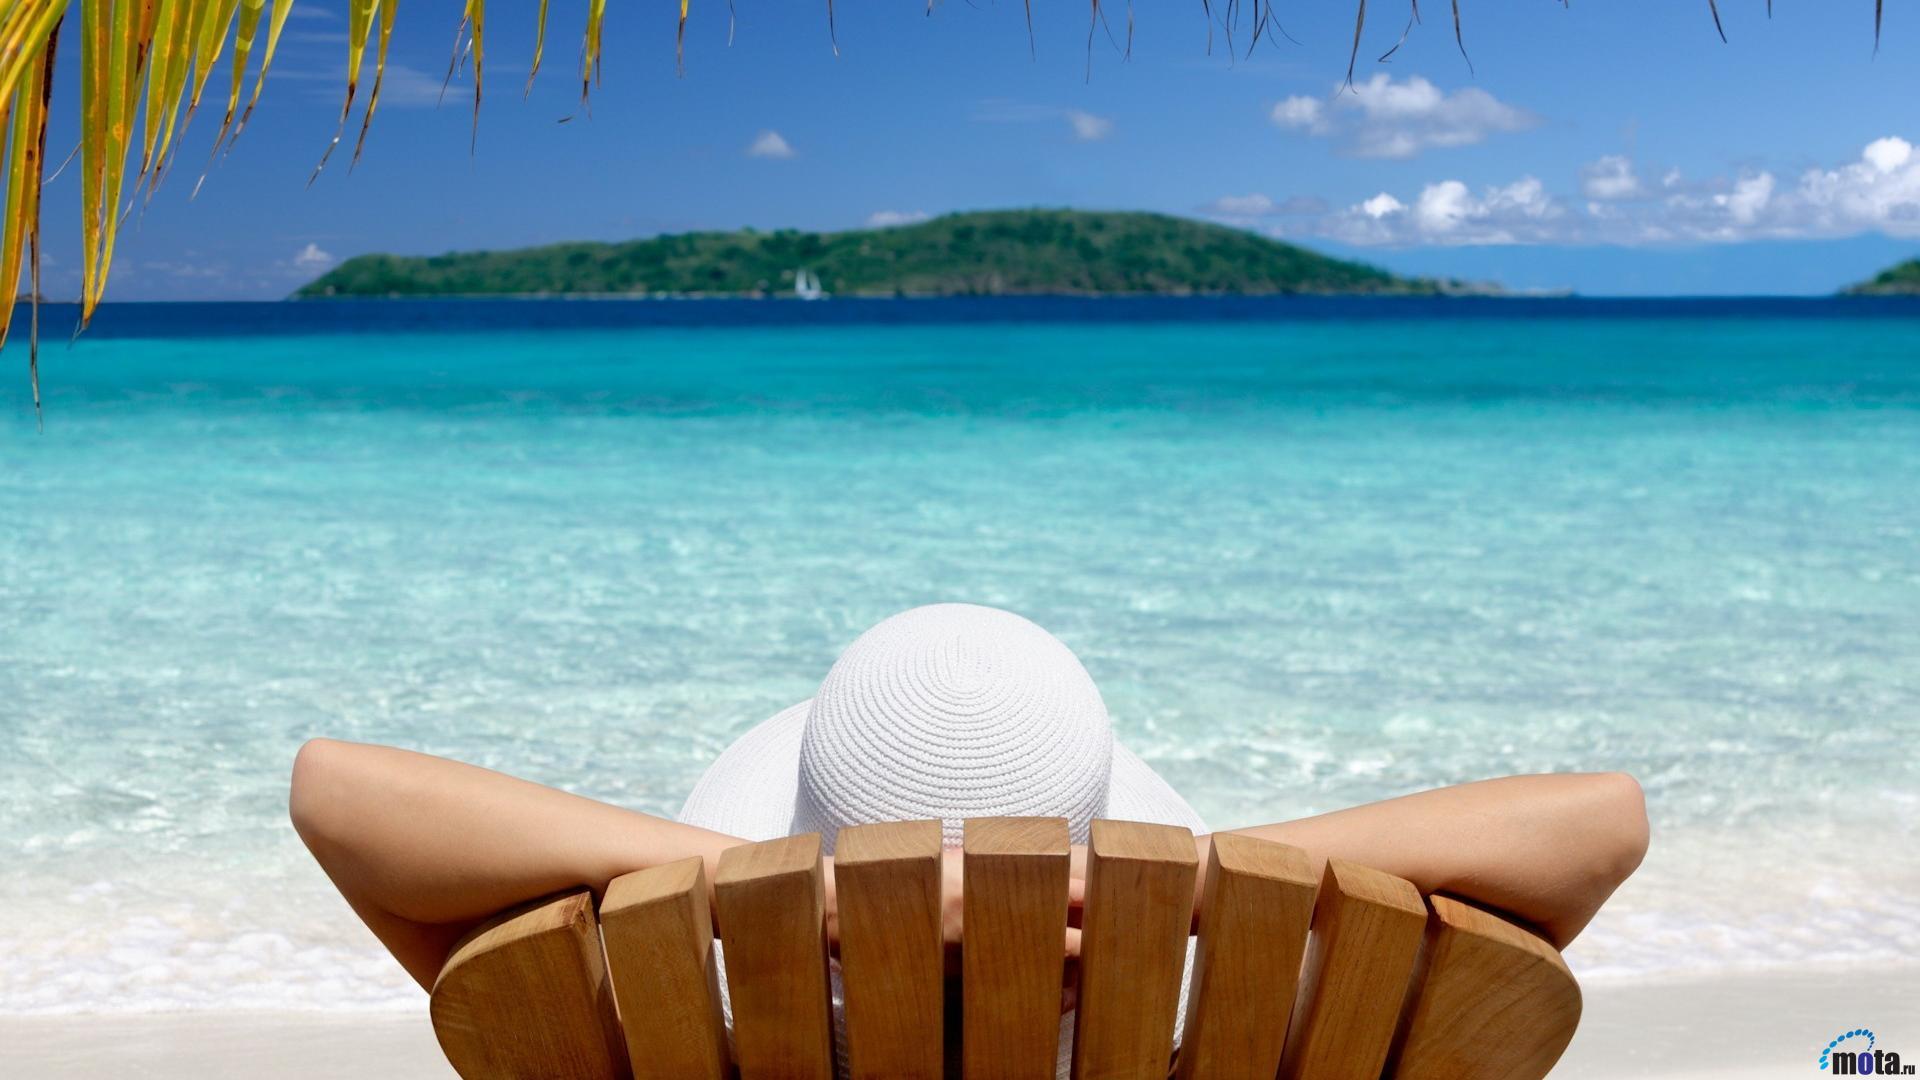 liburan ke pantai